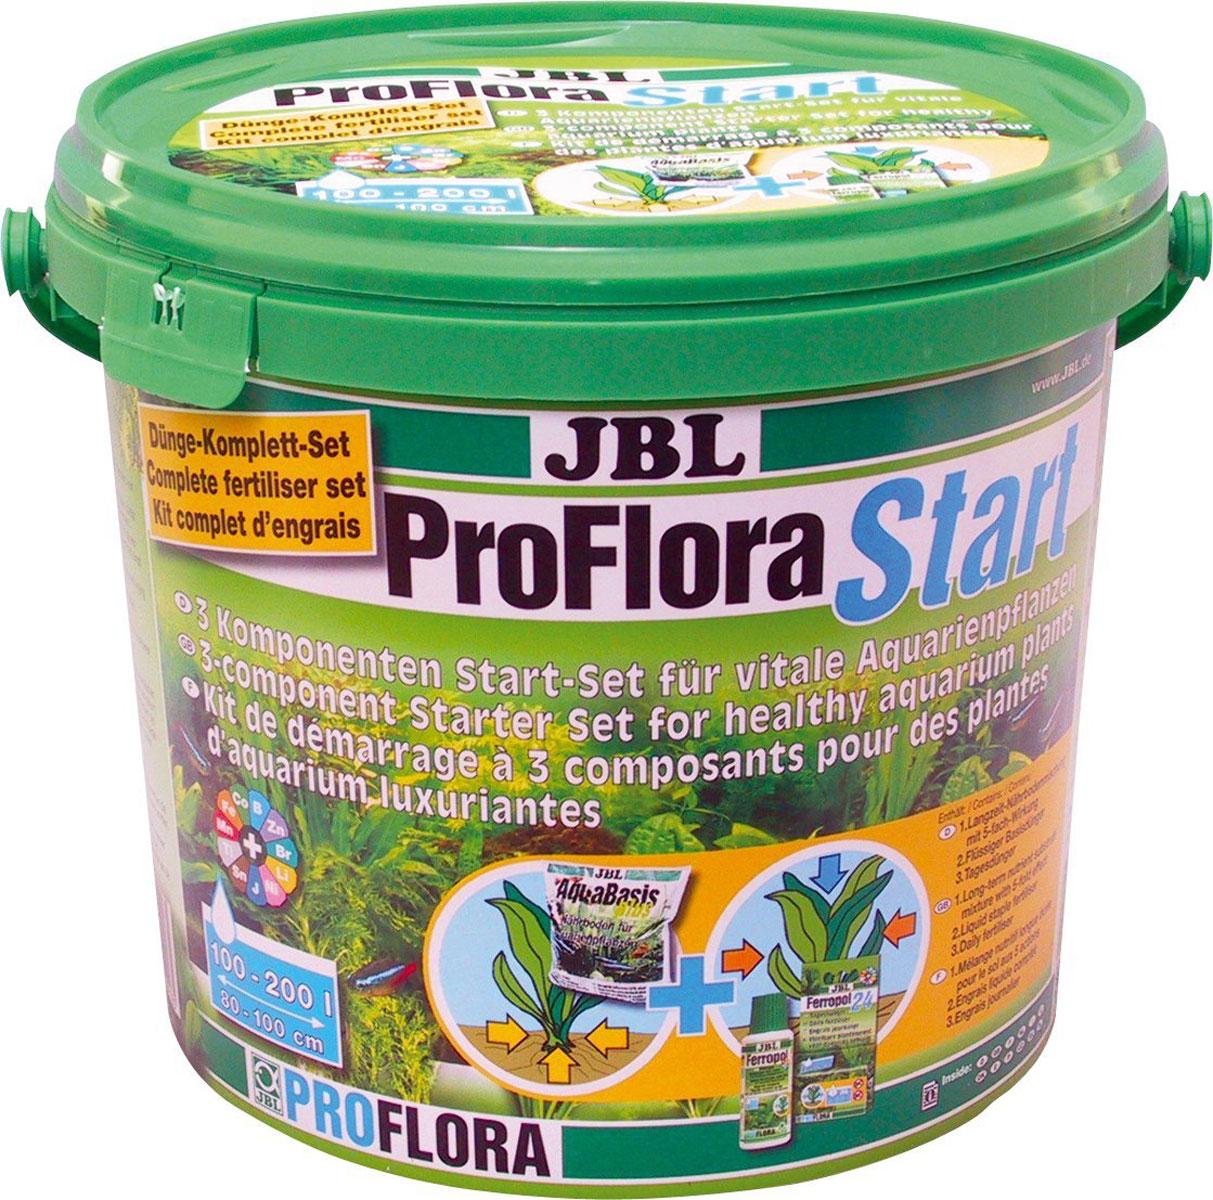 JBL ProfloraStart Set 200 3-х компонентный стартовый комплект для живых аквариумных растений, для аквариумов до 200 л.JBL2021800JBL ProfloraStart Set 200 - 3-х компонентный стартовый комплект для живых аквариумных растений, для аквариумов до 200 л.